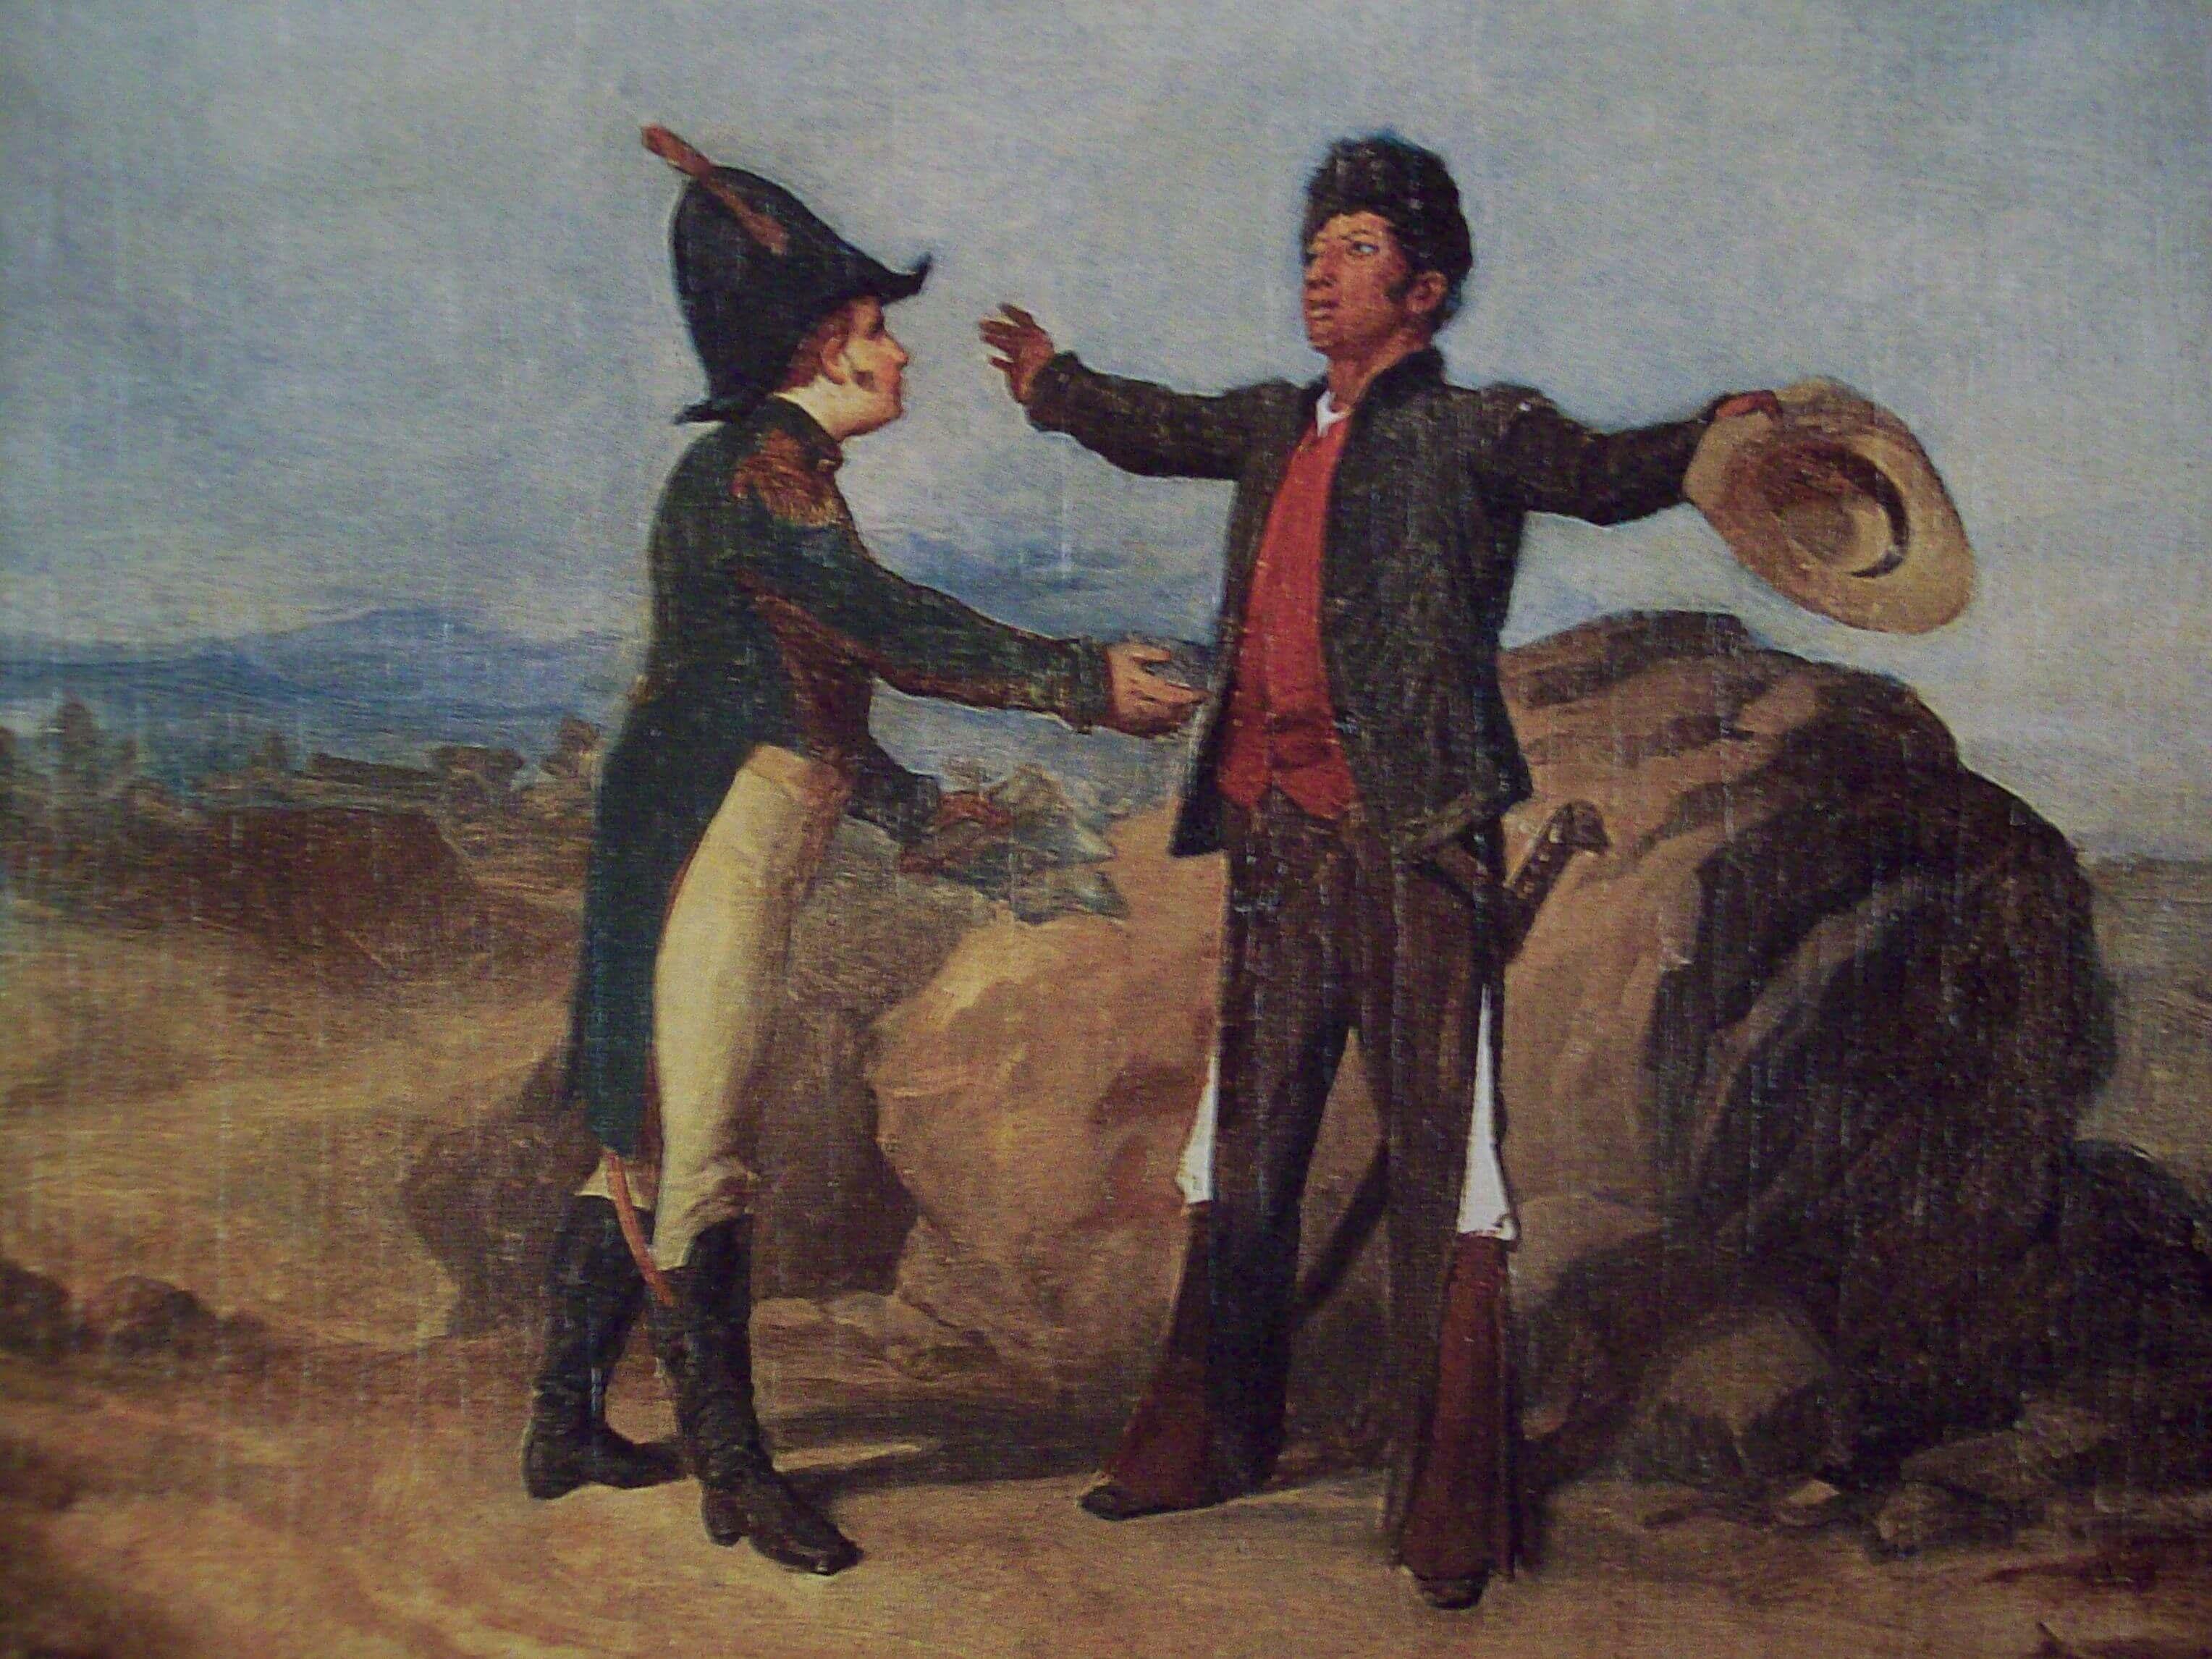 Abrazo de Acatempan (1821)